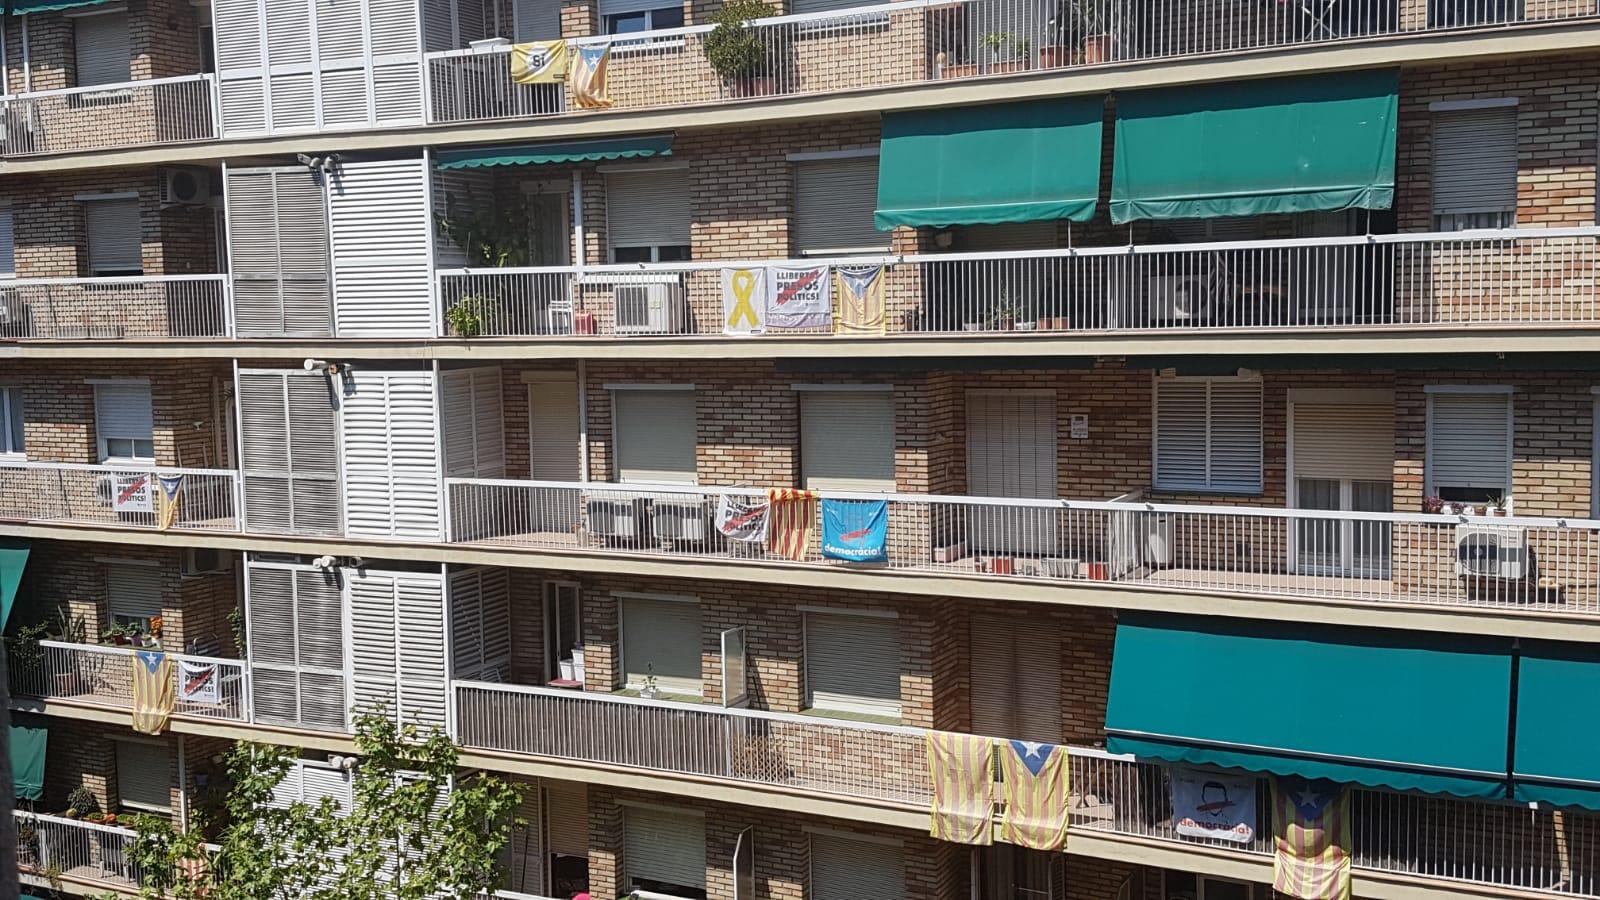 Una façana del barri de la Sagrada Família plena d'estelades i domassos | Gerard Sesé